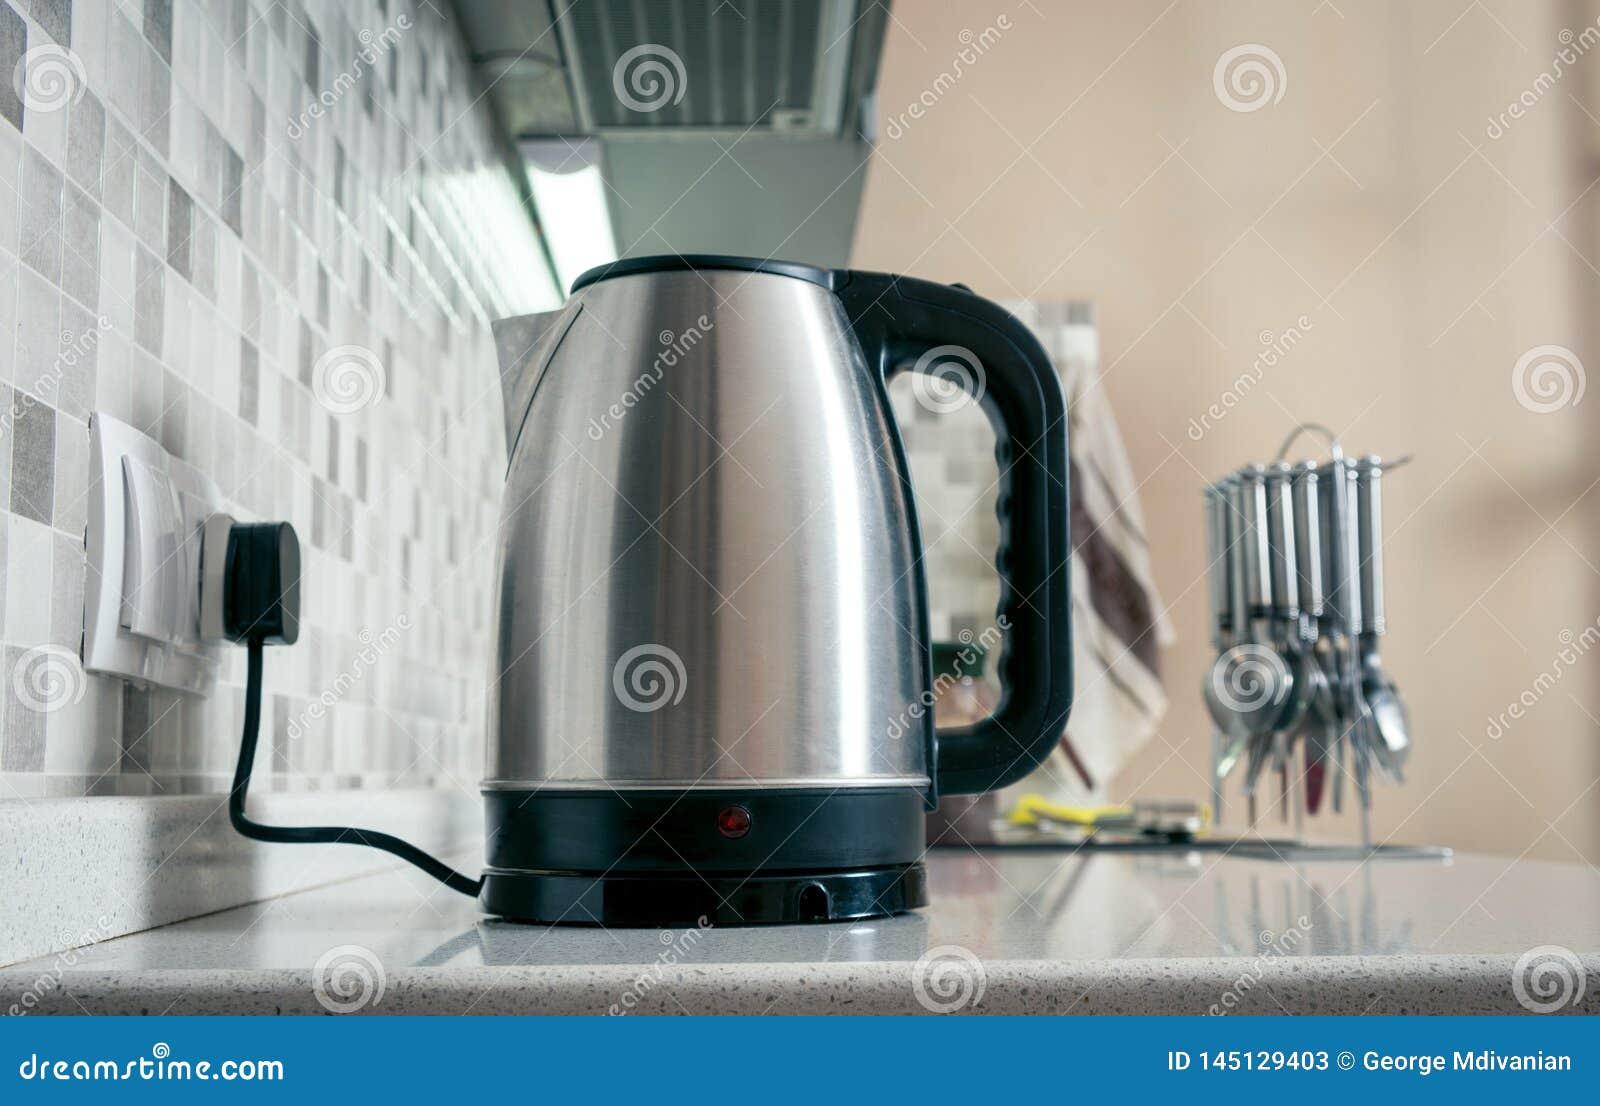 Крупный план чайника в кухне